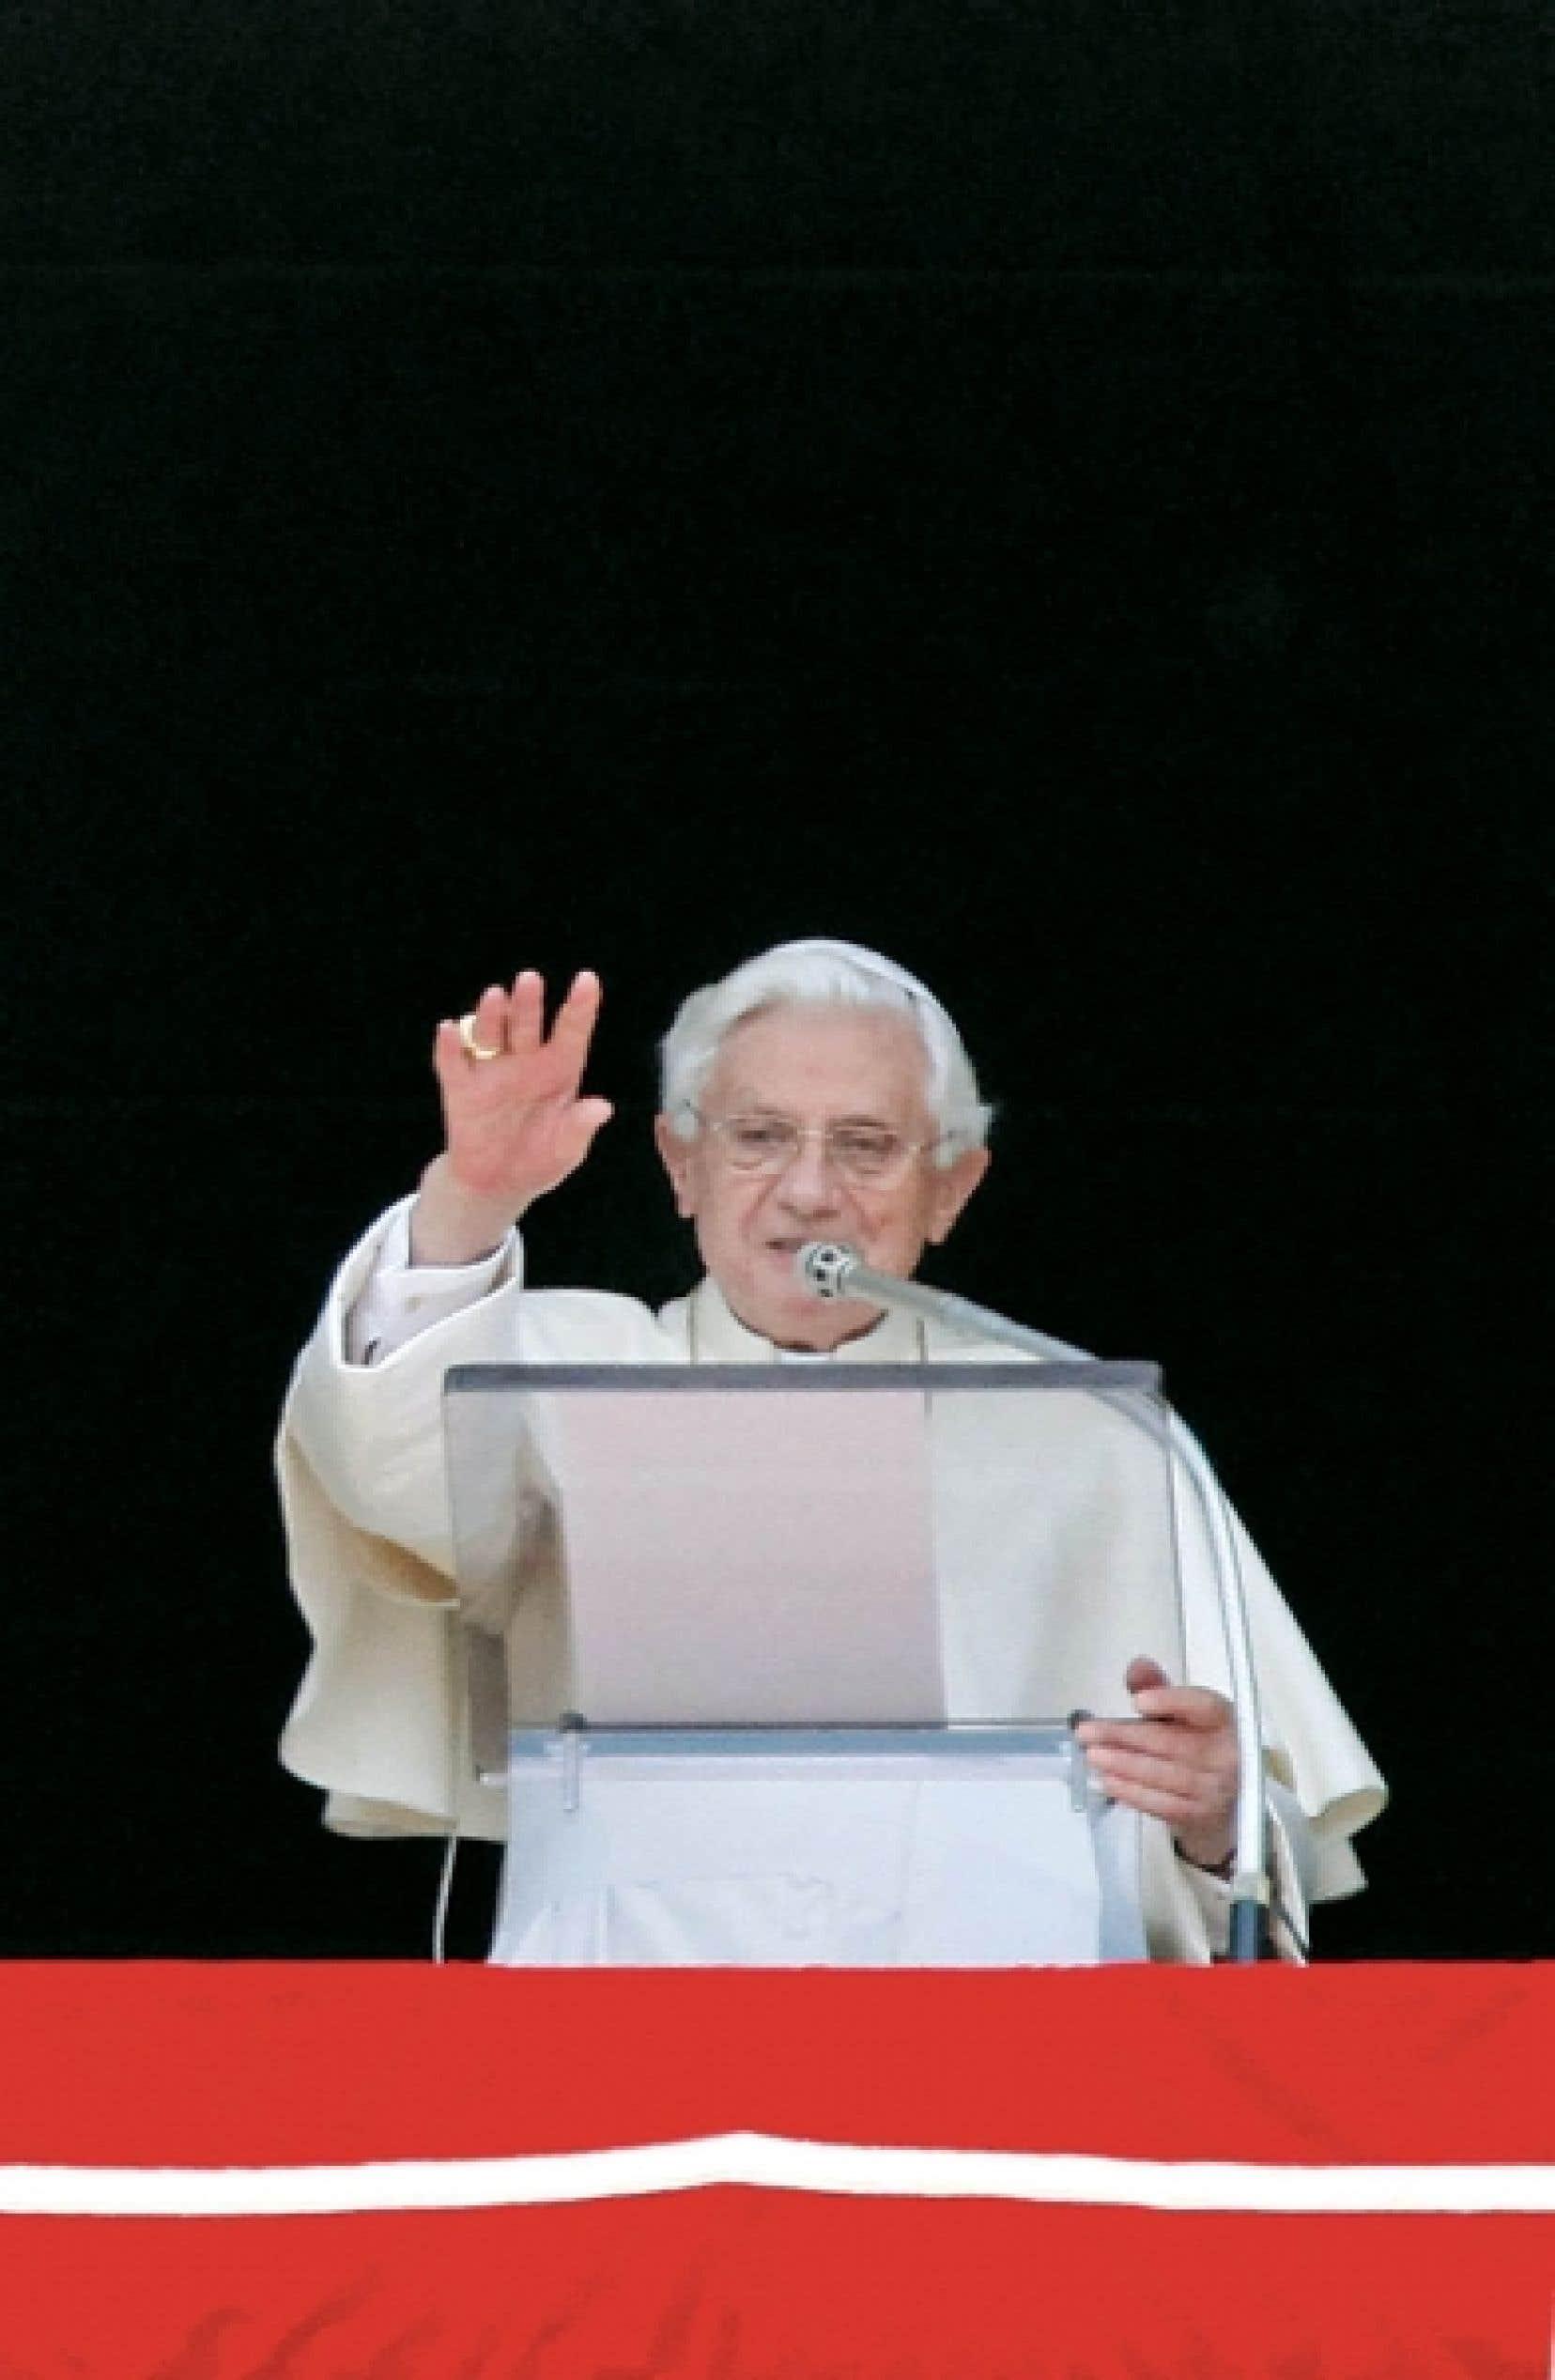 Devant les fidèles rassemblés place Saint-Pierre hier, Benoît XVI a fait part de sa gratitude à une organisation italienne luttant contre la pédophilie, Meter, dirigée par le père Don Noto, ainsi qu'à tous ceux qui se battent contre les sévices sexuels visant les enfants.